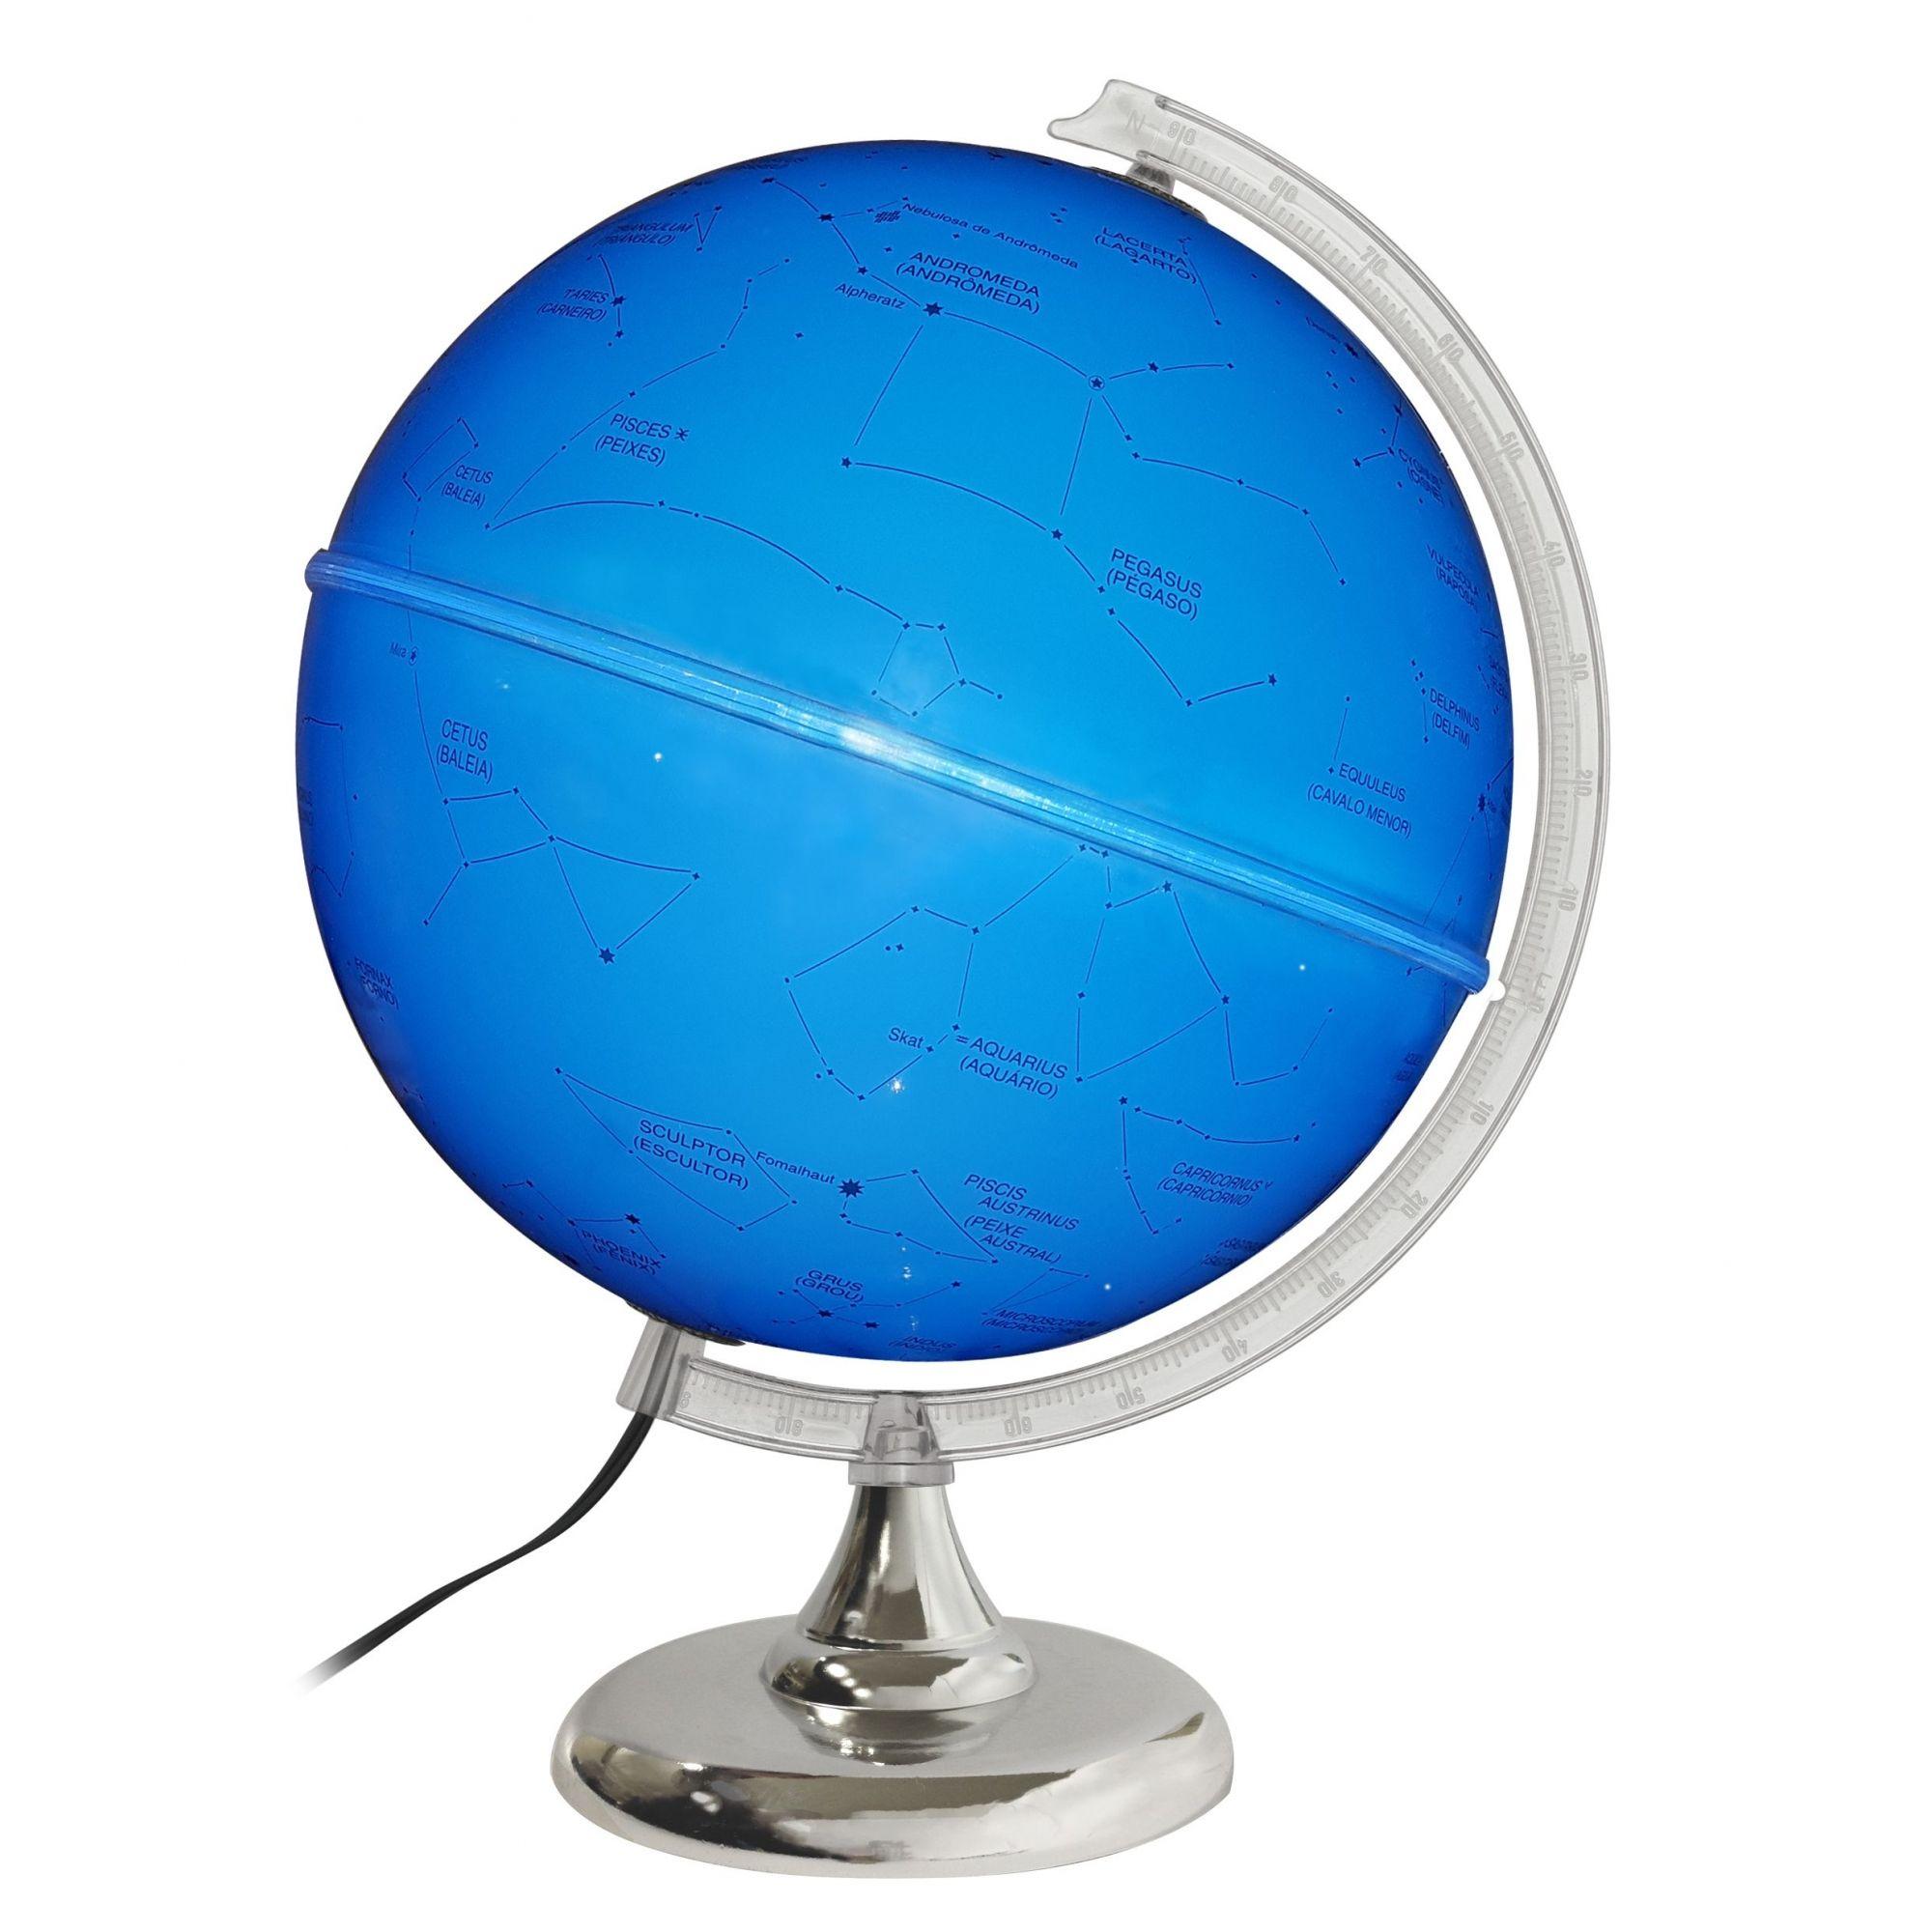 Globo Celeste Libreria 30cm Cielo 30I-Azul-Lb/Bs-Cro. 313055 Estrelas Bivolt Base Cromada